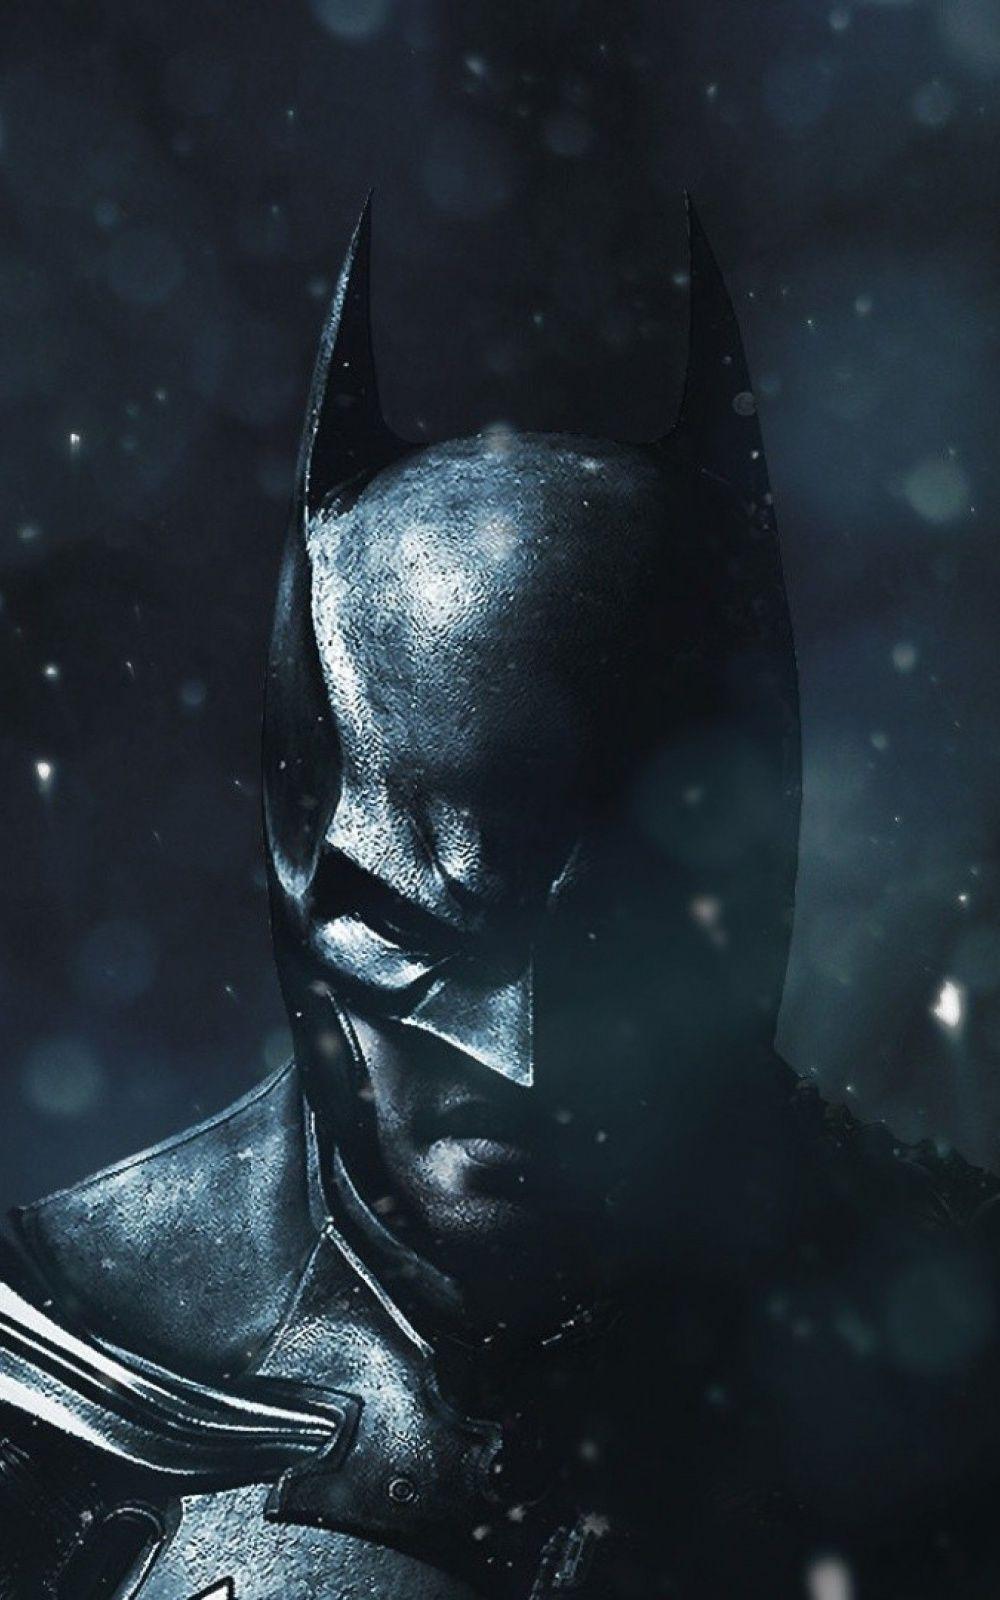 Batman Logo iPhone Wallpapers Wallpapercraft Batman